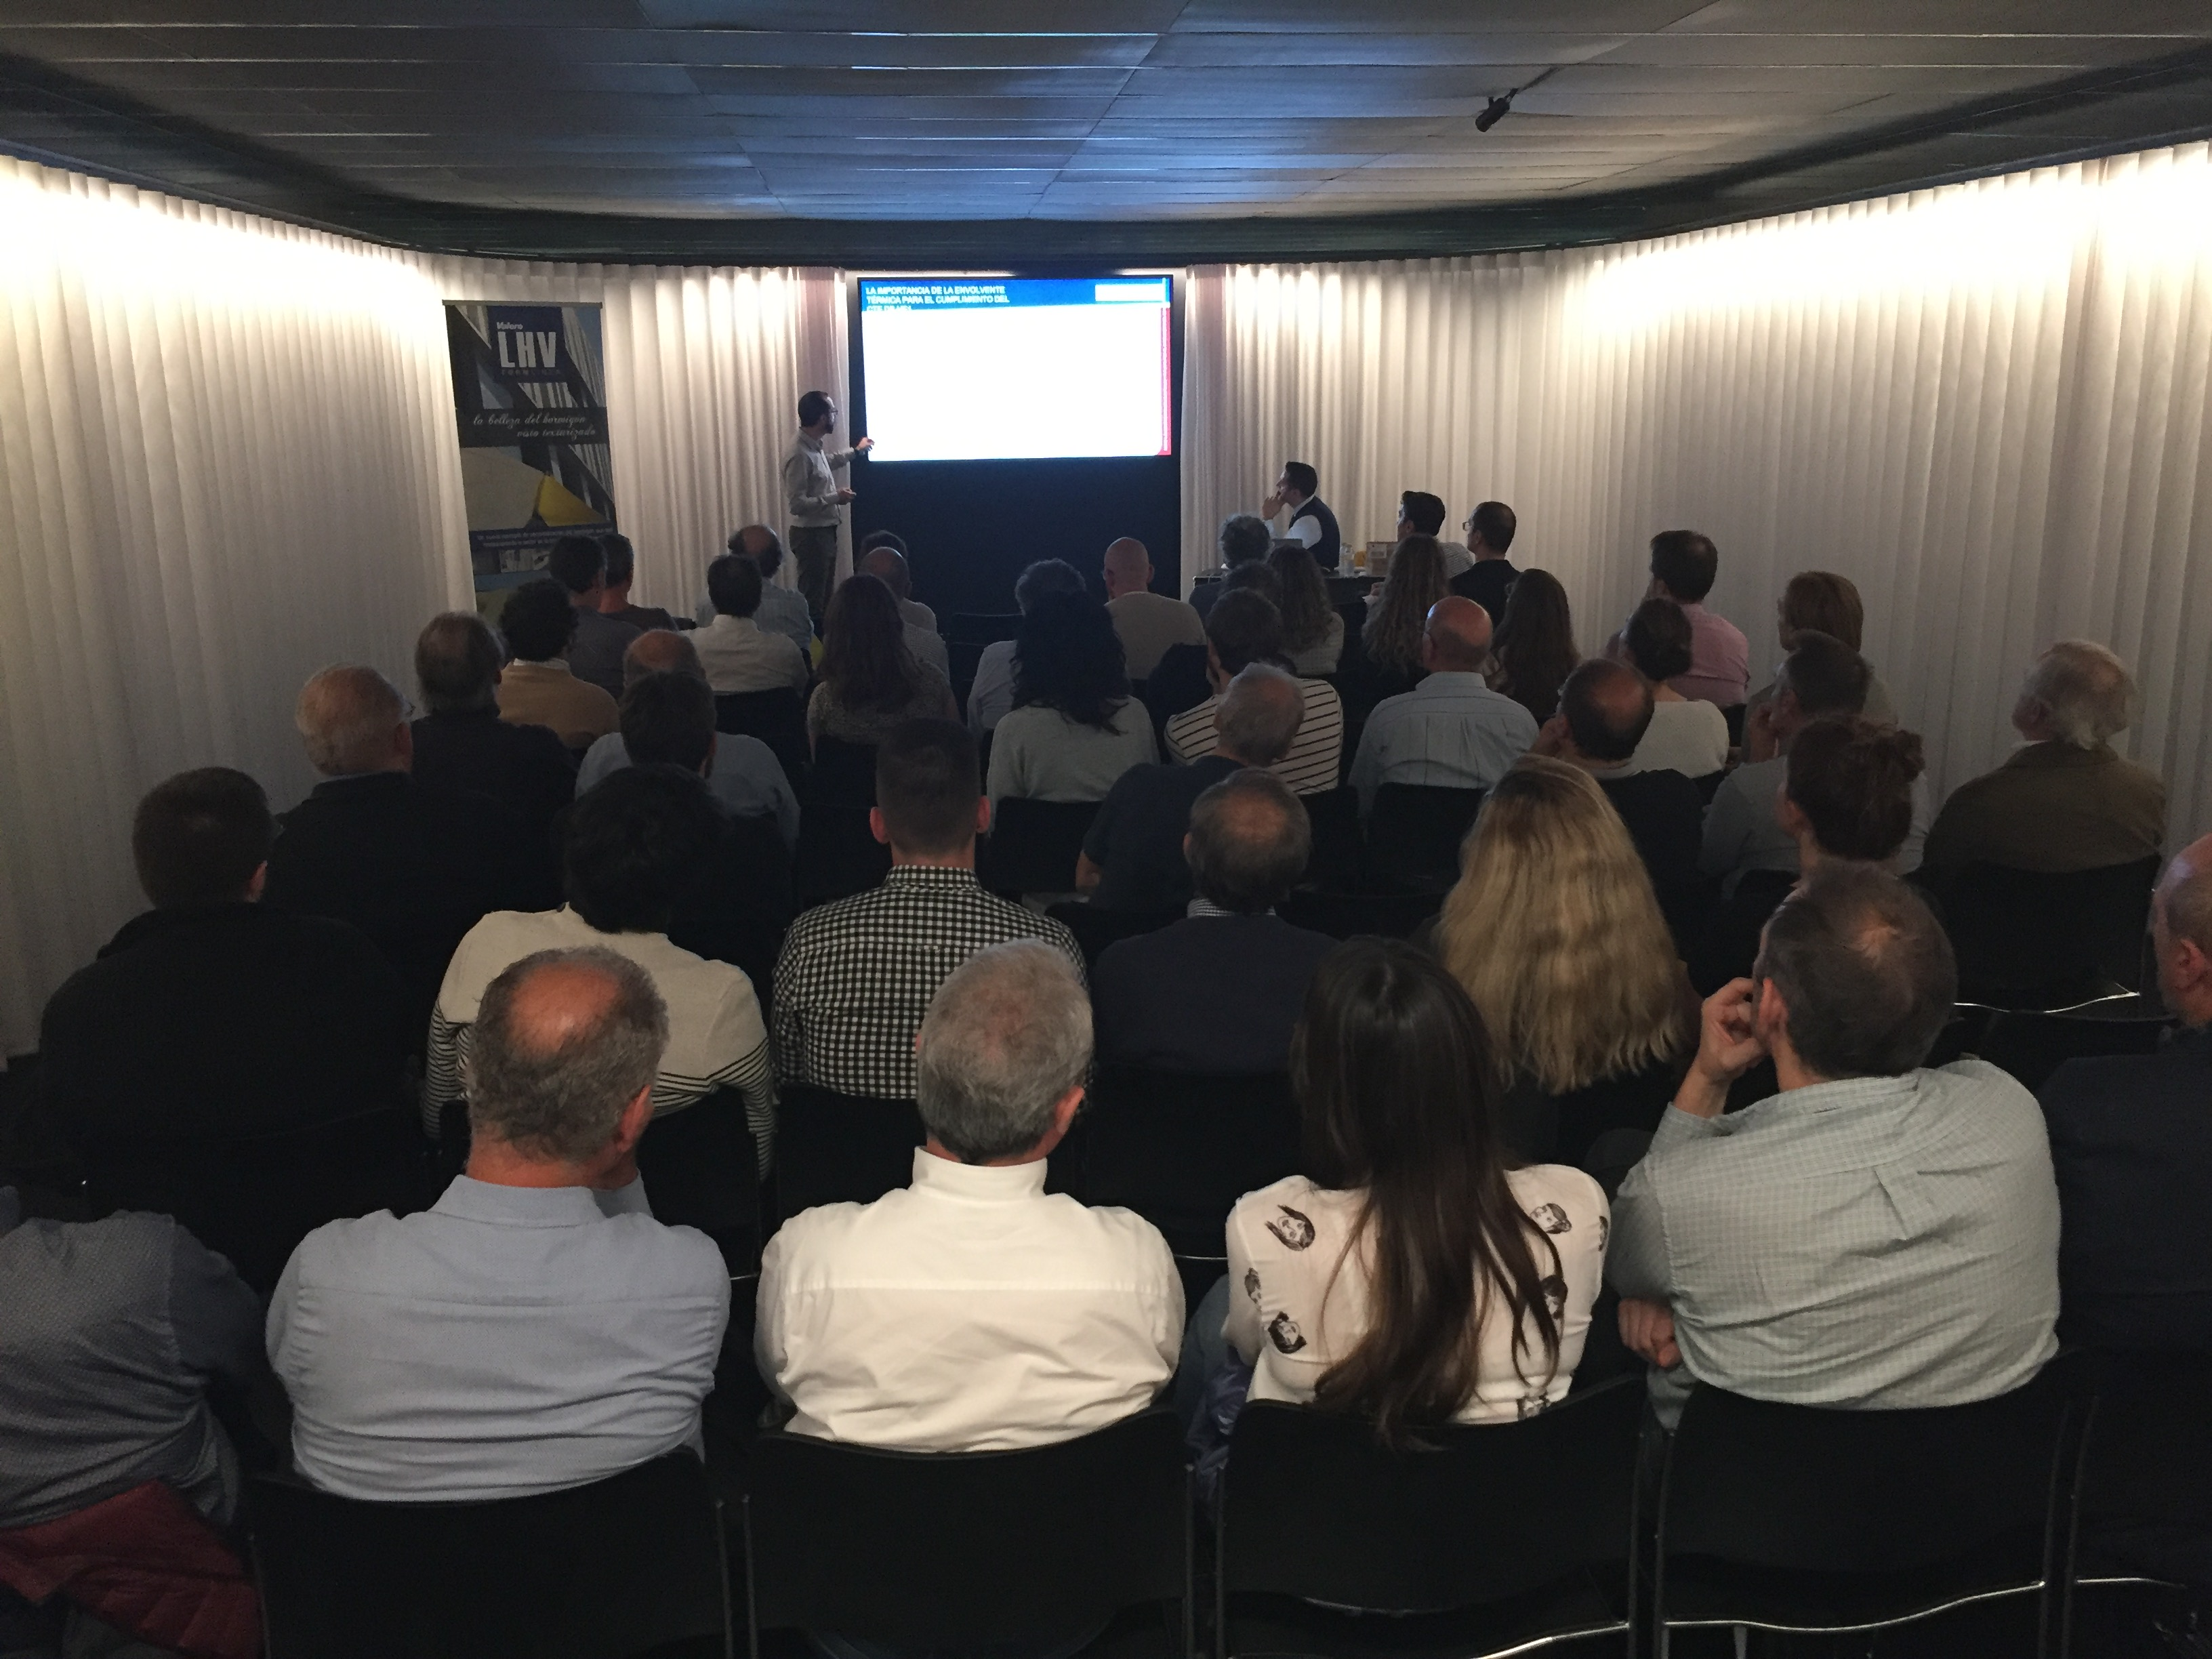 Éxito de asistencia en el seminario sobre eficiencia energética impartido por Valero y la UA en el COAVN